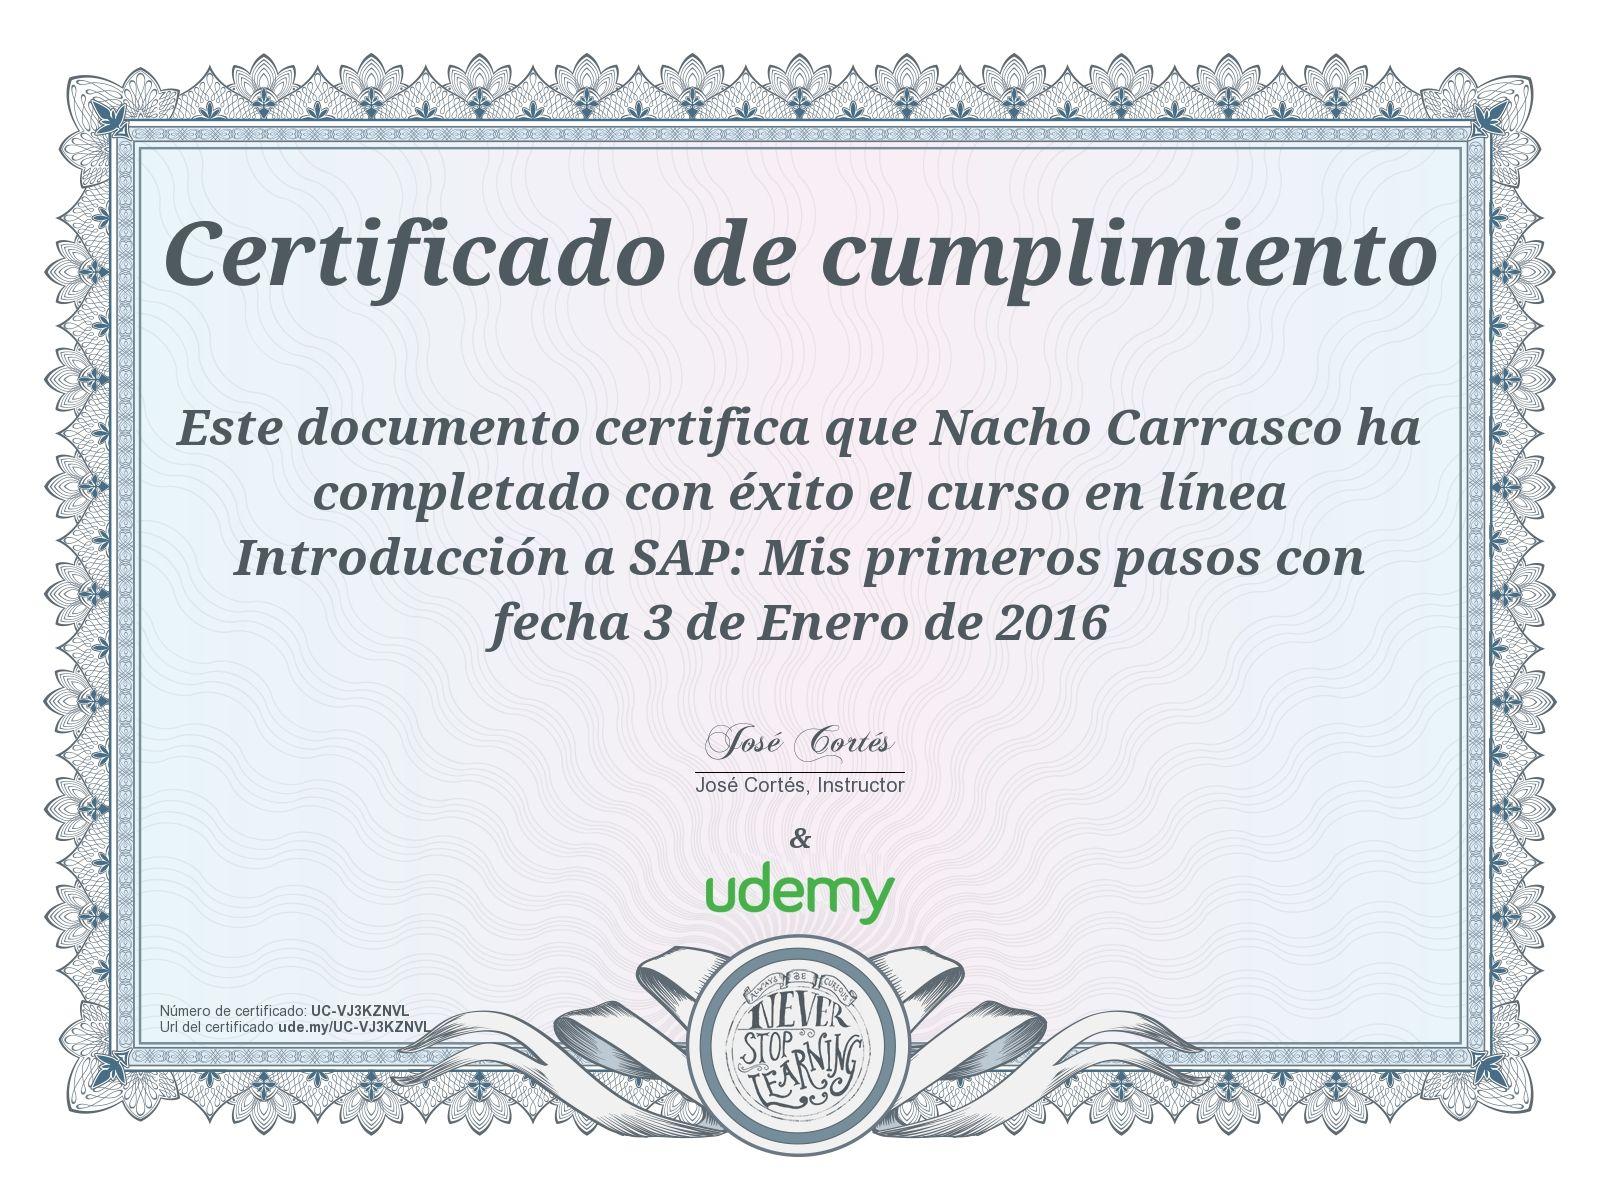 Famoso Diploma Eléctrico Reanudar Descarga Bosquejo - Ejemplo De ...